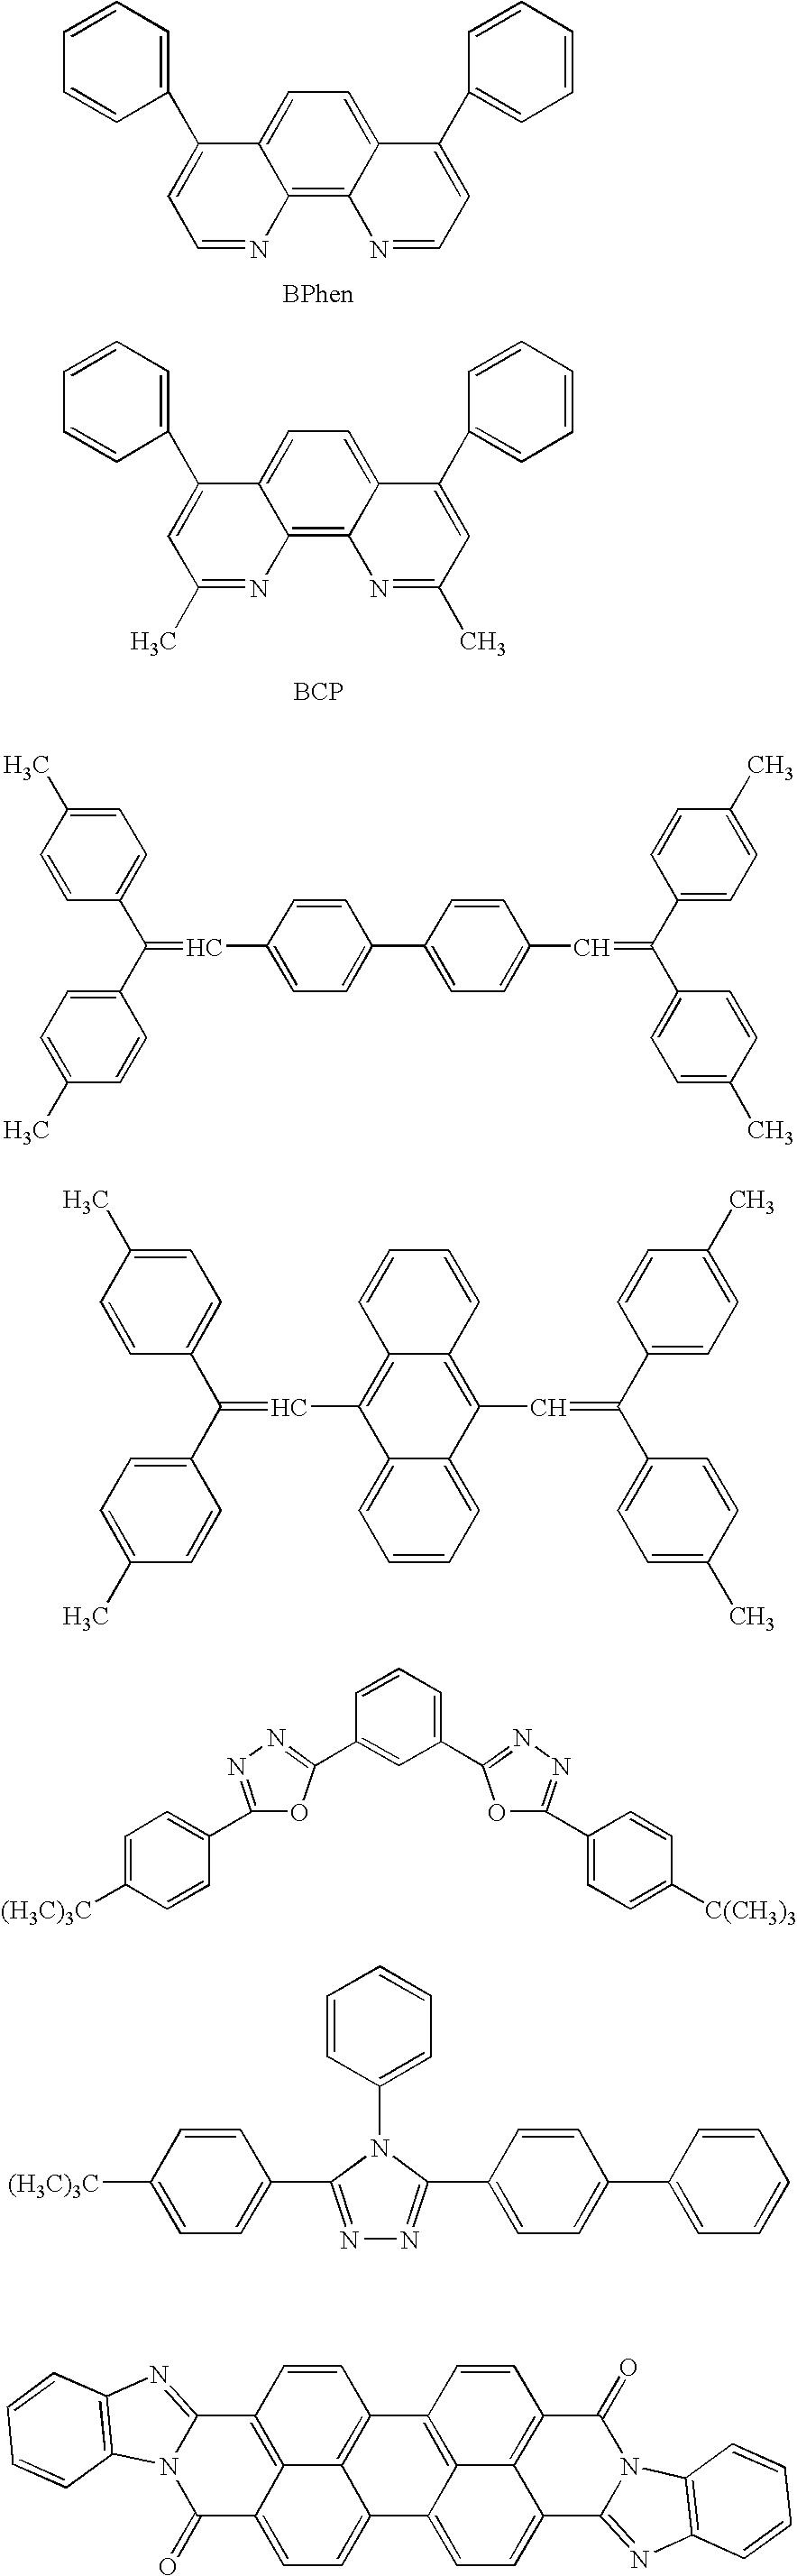 Figure US20090004507A1-20090101-C00006